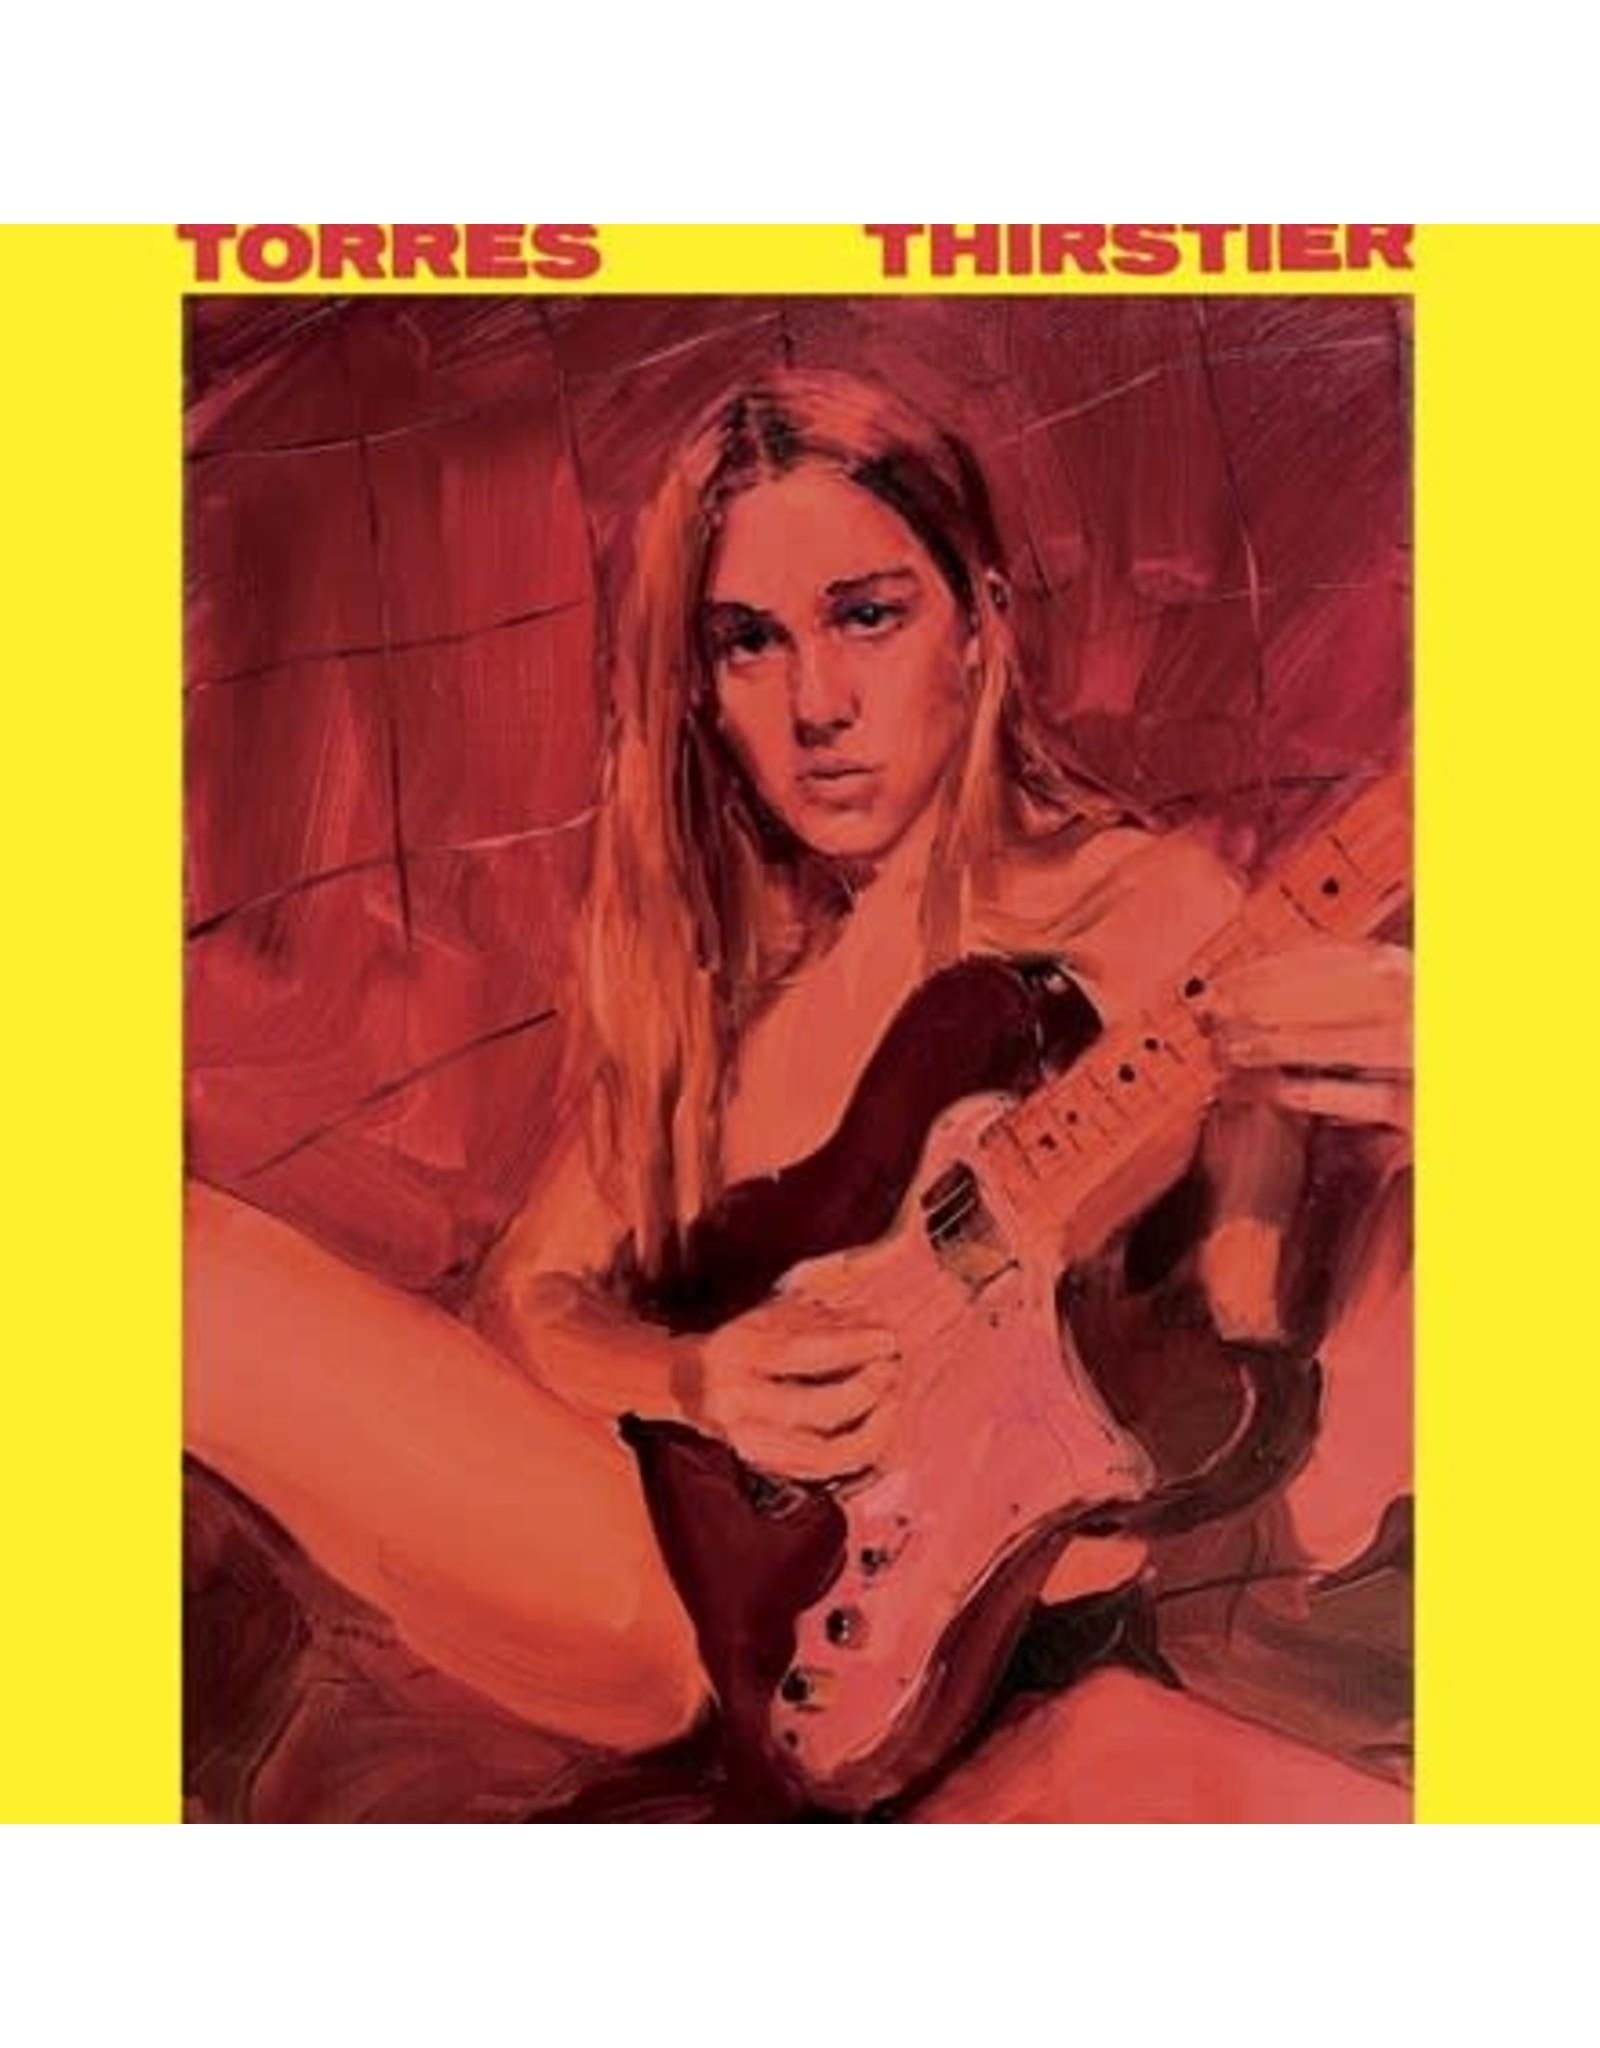 Merge Torres: Thirstier (Peak vinyl indie shop edition) LP